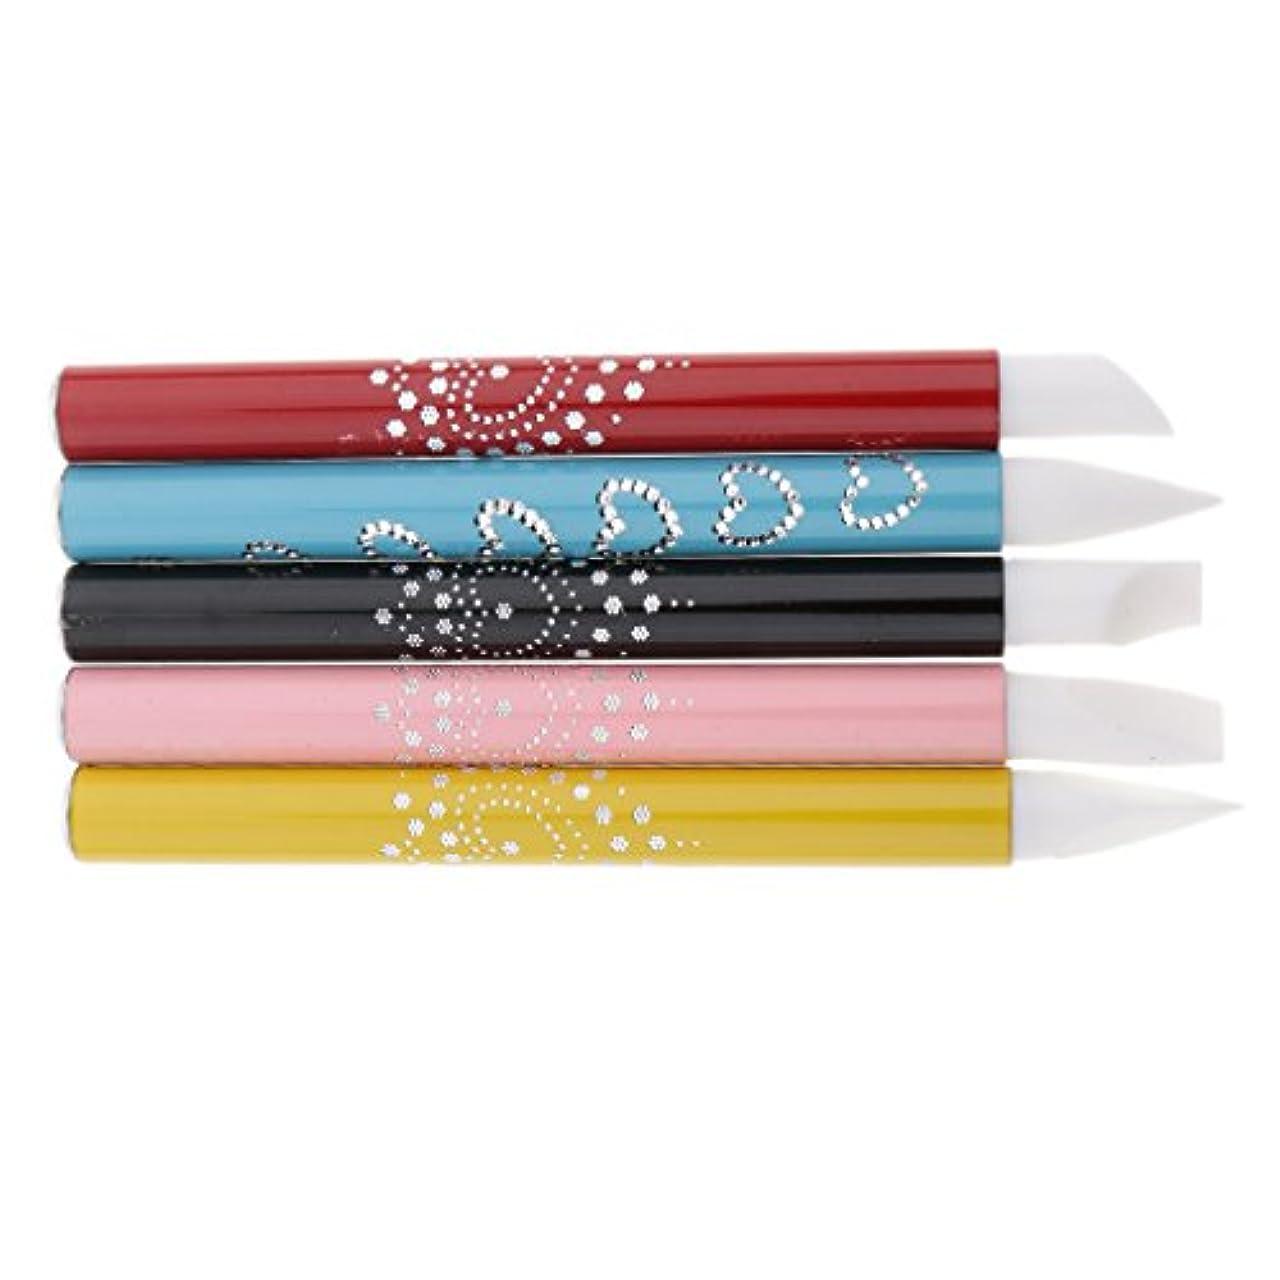 支払うポップお尻5個 ネイルアート ネイルペン ネイルブラシ シリコンチップ ブラシチップ 彫刻ペン アルミハンドル 繊細なデザイン プレゼント